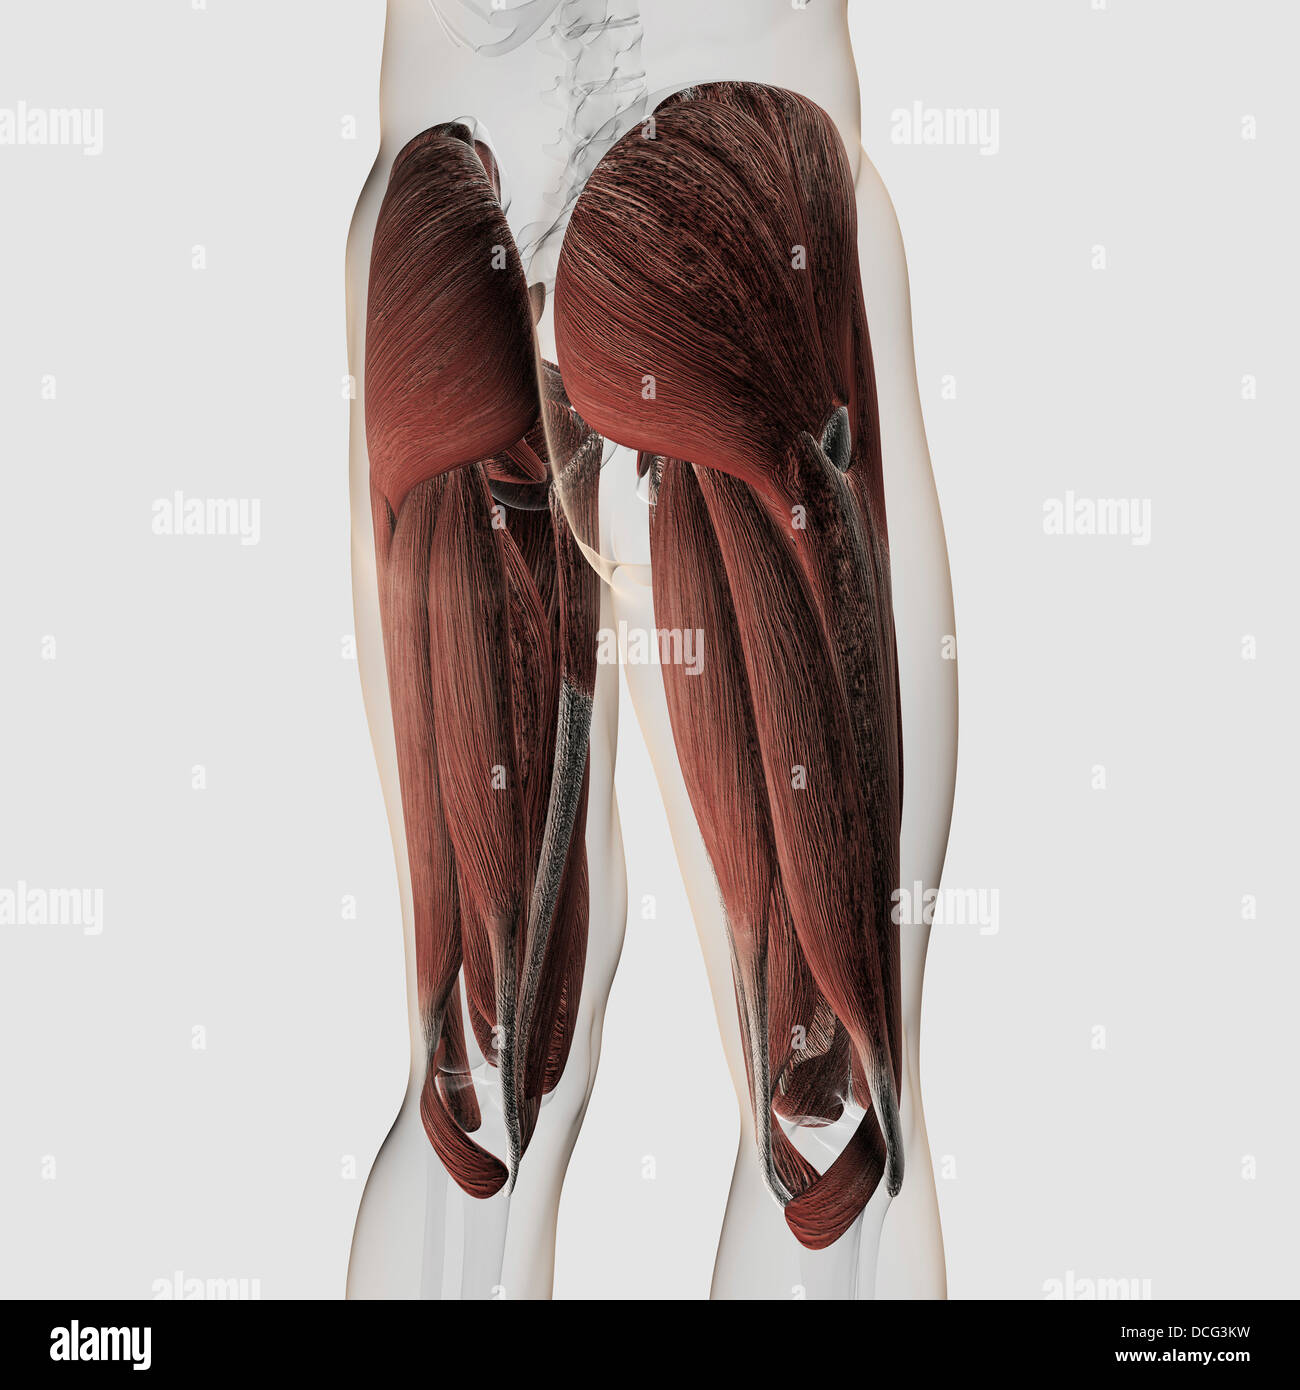 Anatomía muscular masculina de los derechos de las piernas, vista posterior. Imagen De Stock